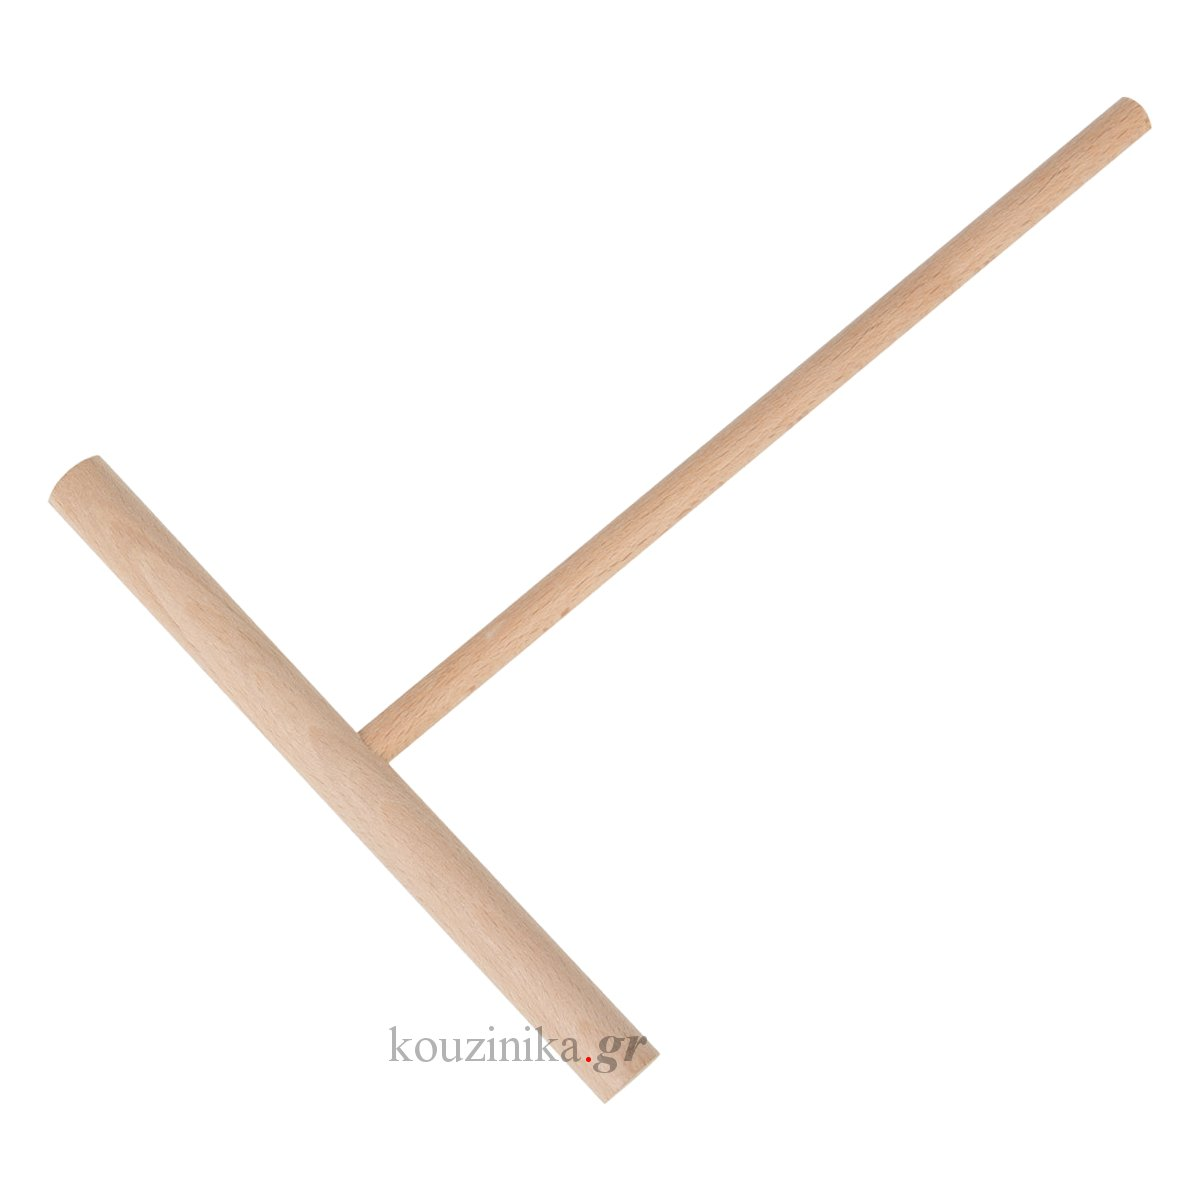 Ξύλινο εργαλείο απλώματος κρέπας σε σχήμα Τ